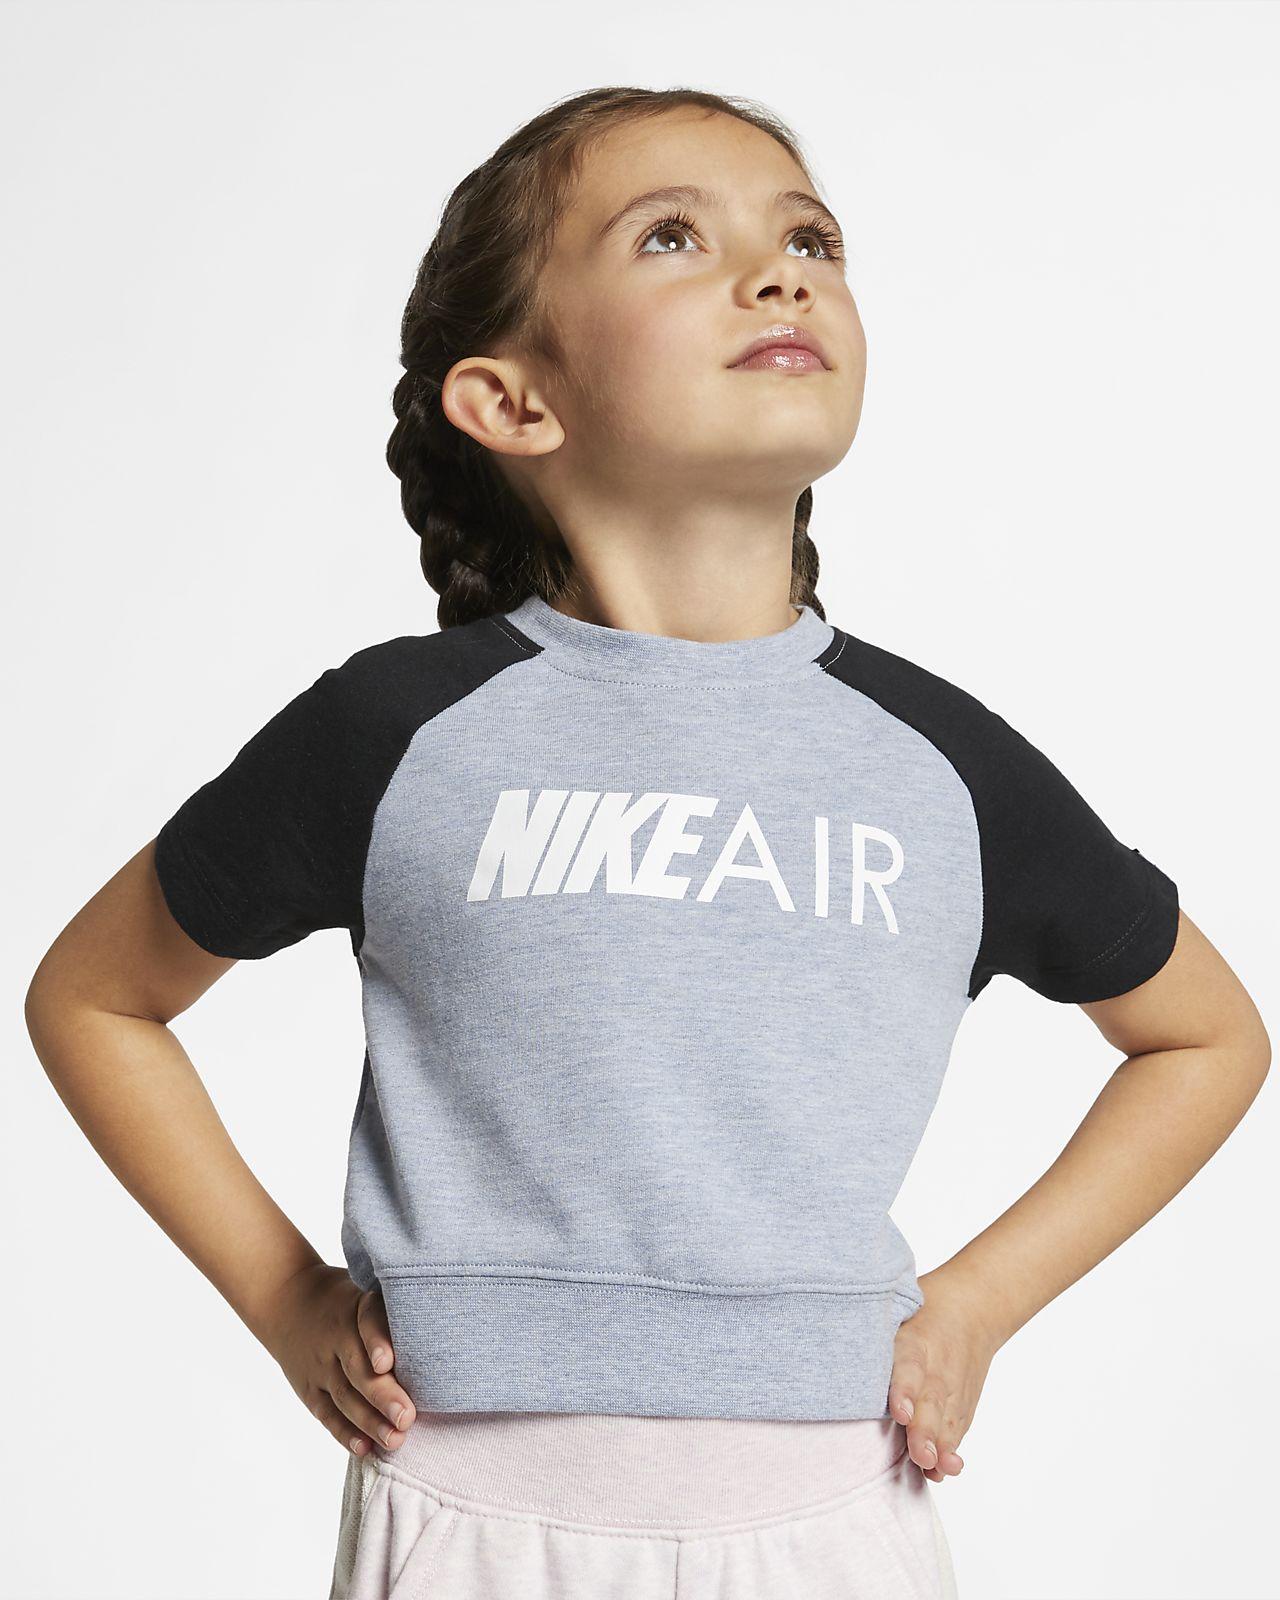 Nike Air Kurzoberteil für jüngere Kinder